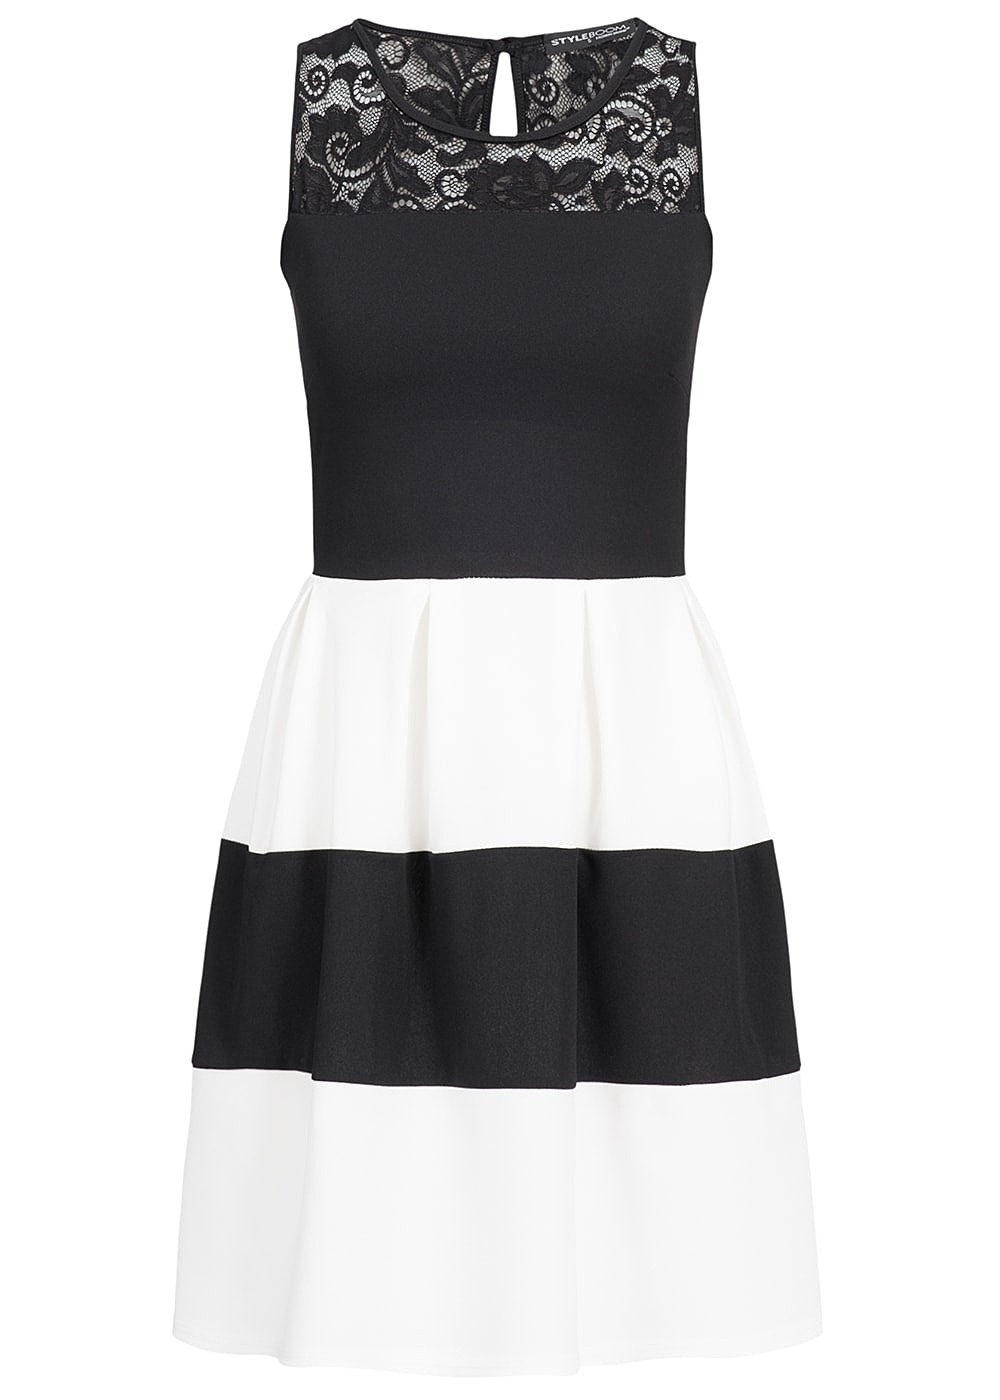 Designer Coolste Damen Kleid Schwarz Weiß Design20 Ausgezeichnet Damen Kleid Schwarz Weiß Design